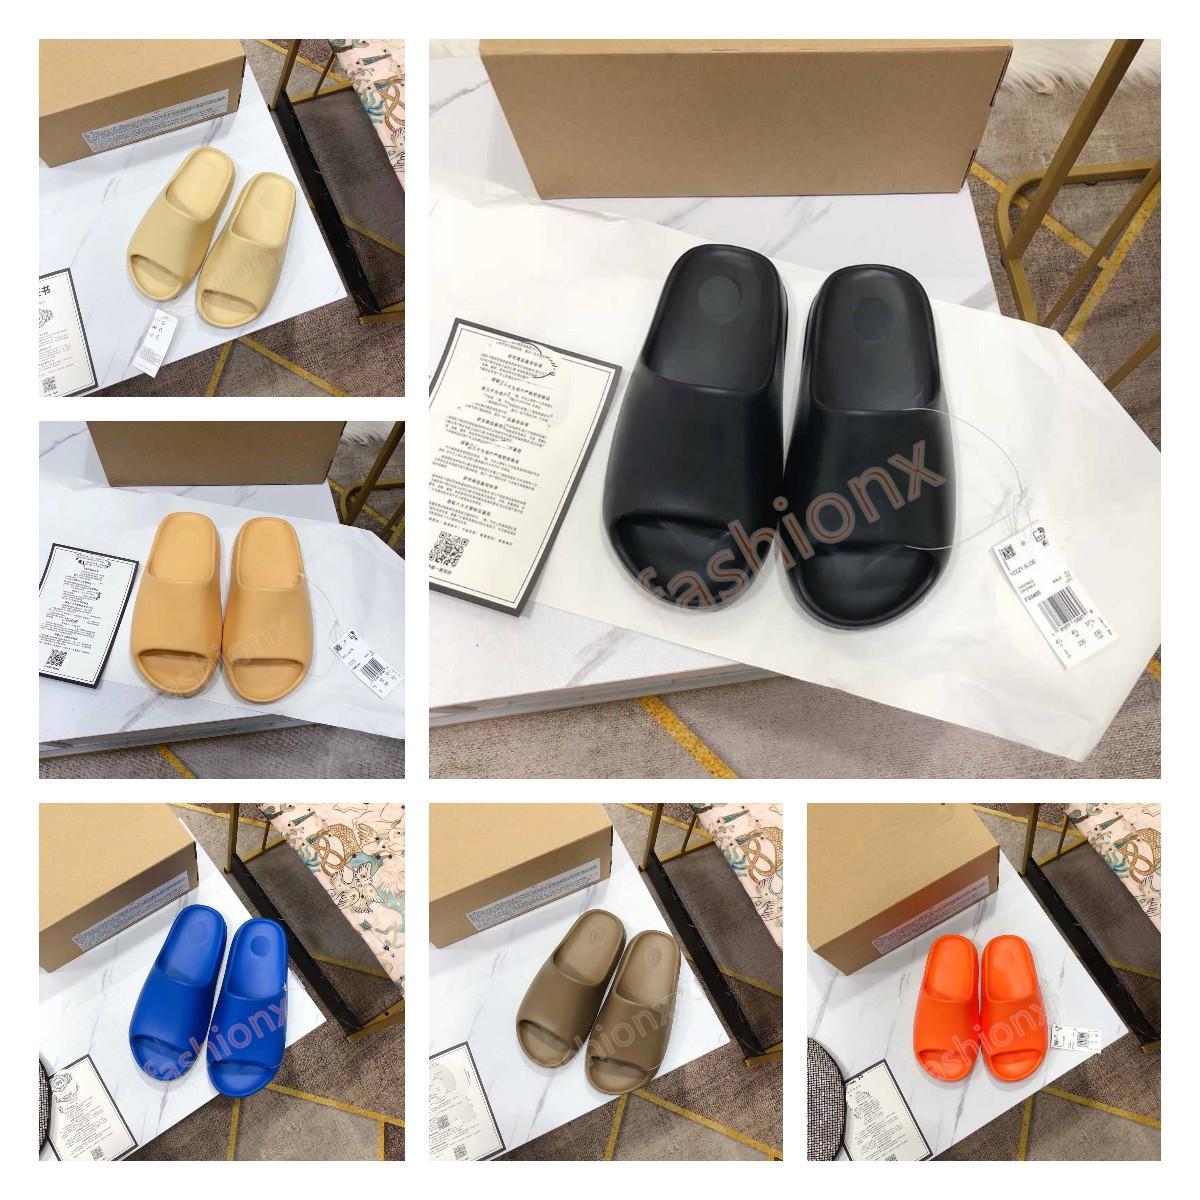 2021 Corredor de espuma Nuevas zapatillas para hombre Moda Diseñadores de verano Diapositivas Triple Negro Blanco Resina Sandalia Pura Arena Marrón Marrón Sandalias de goma inferior Flip Flop Sliders 36-47